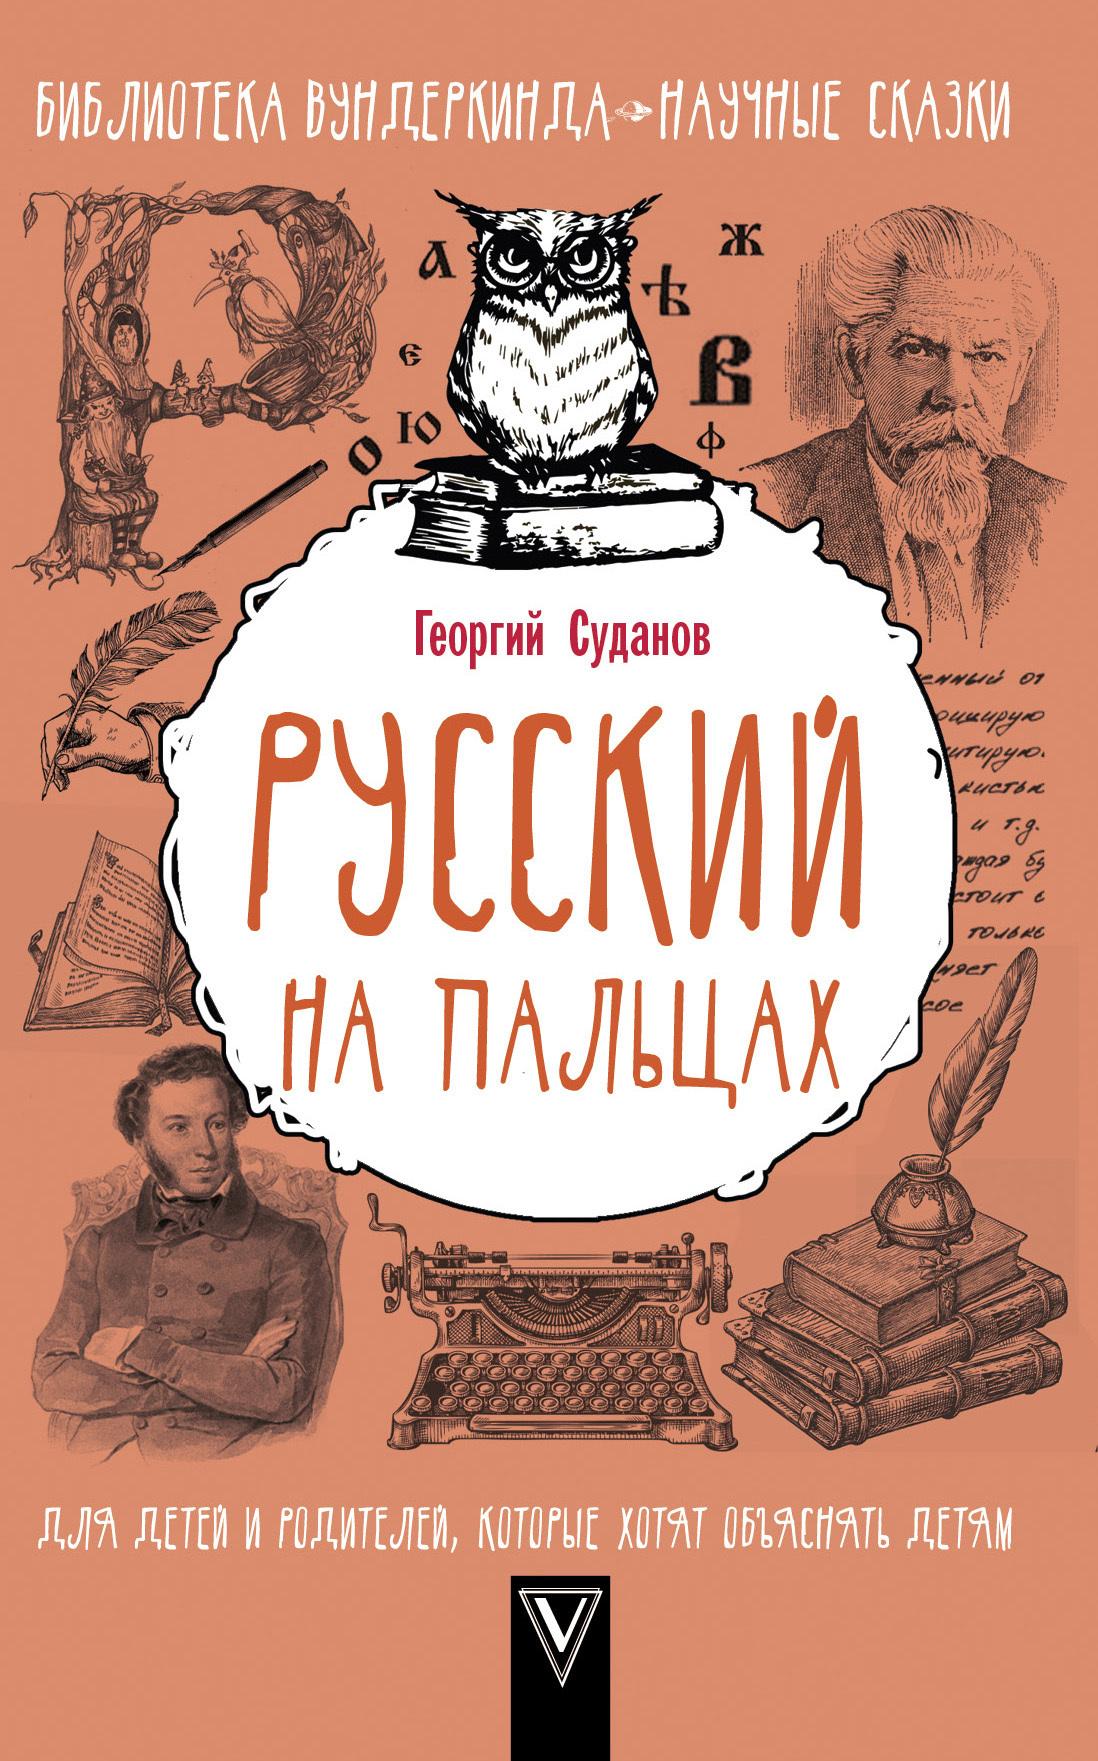 Георгий Суданов. Русский язык на пальцах